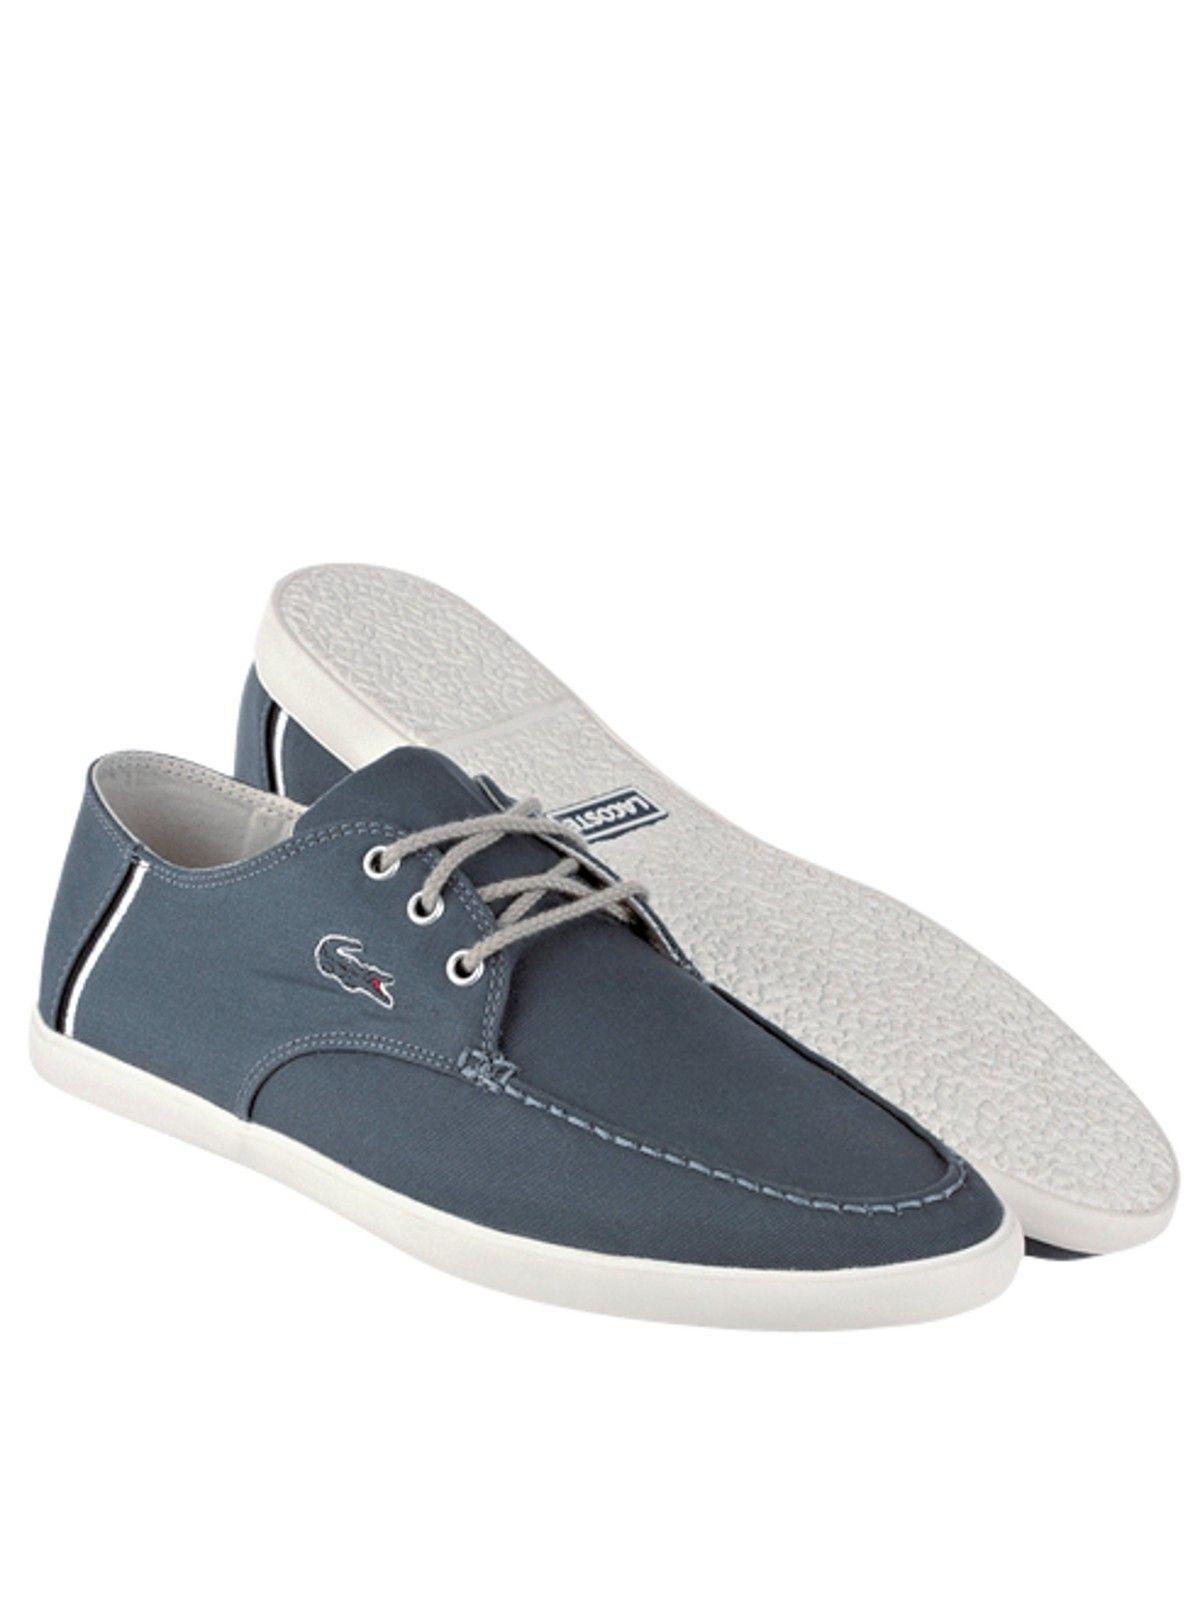 3051d14e9a Lacoste Aristide SRM Mens Shoes | Shoes in 2019 | Shoes, Shoes ...